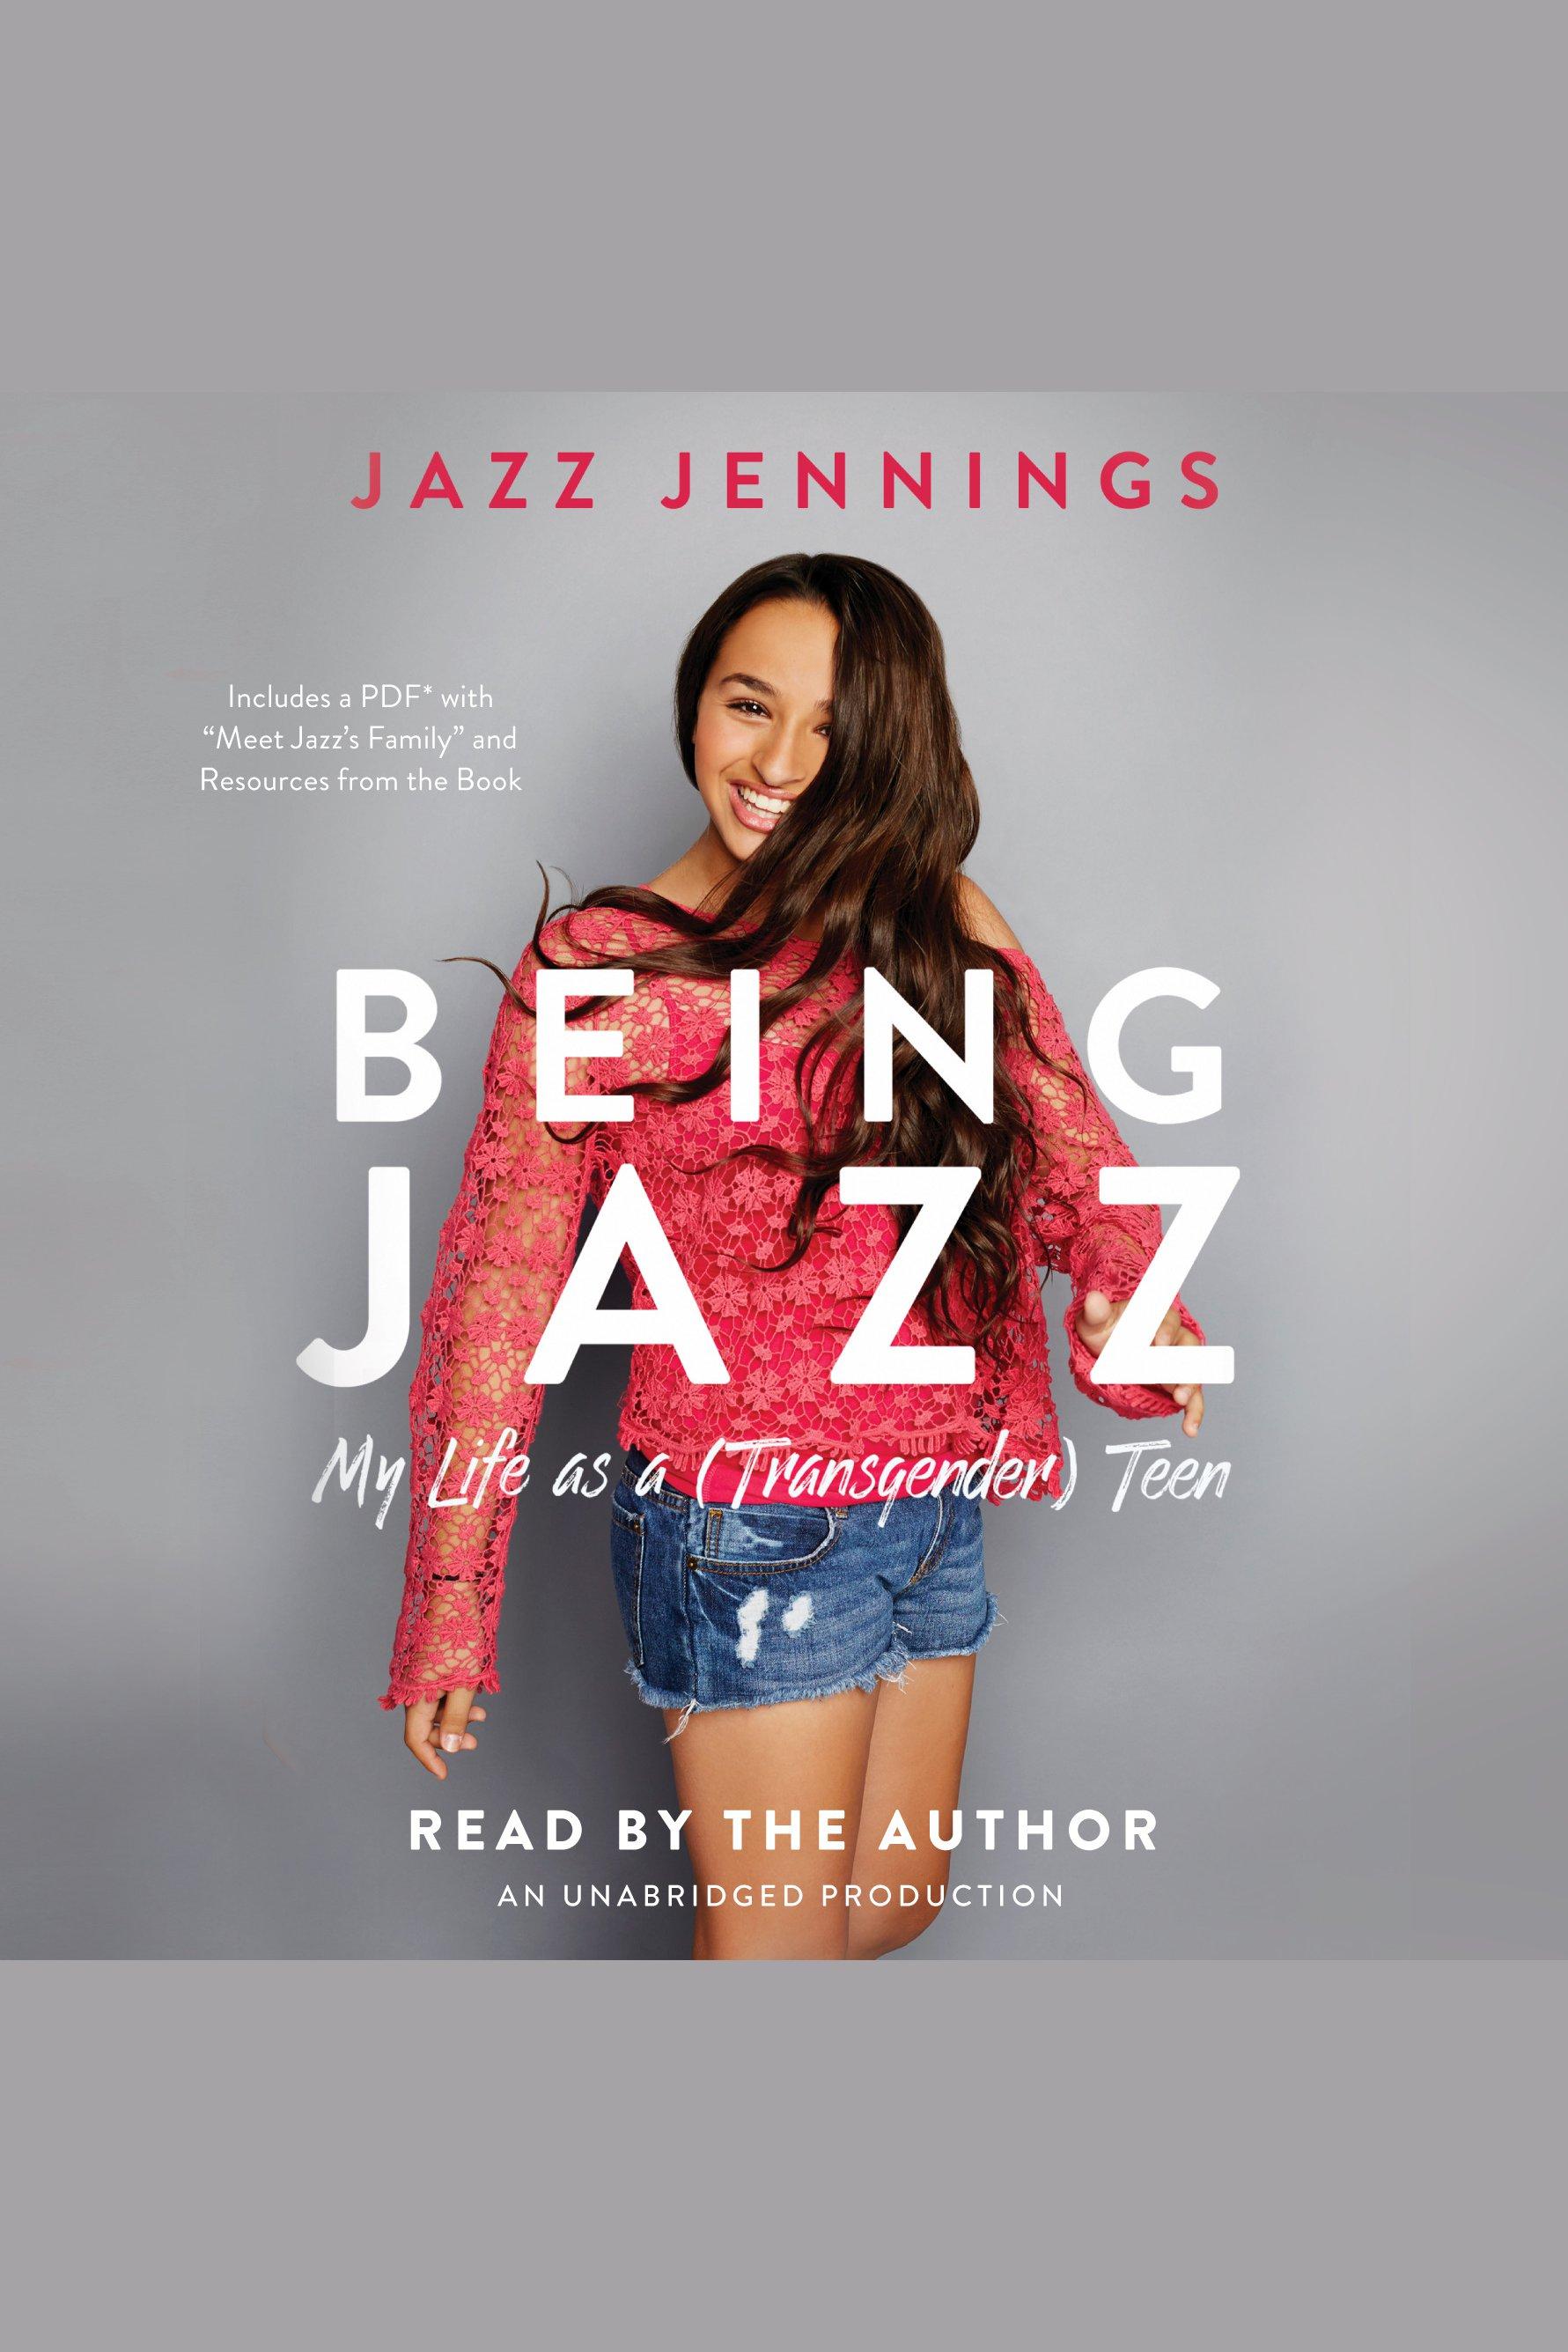 Being Jazz [AudioEbook] : my life as a (transgender) teen